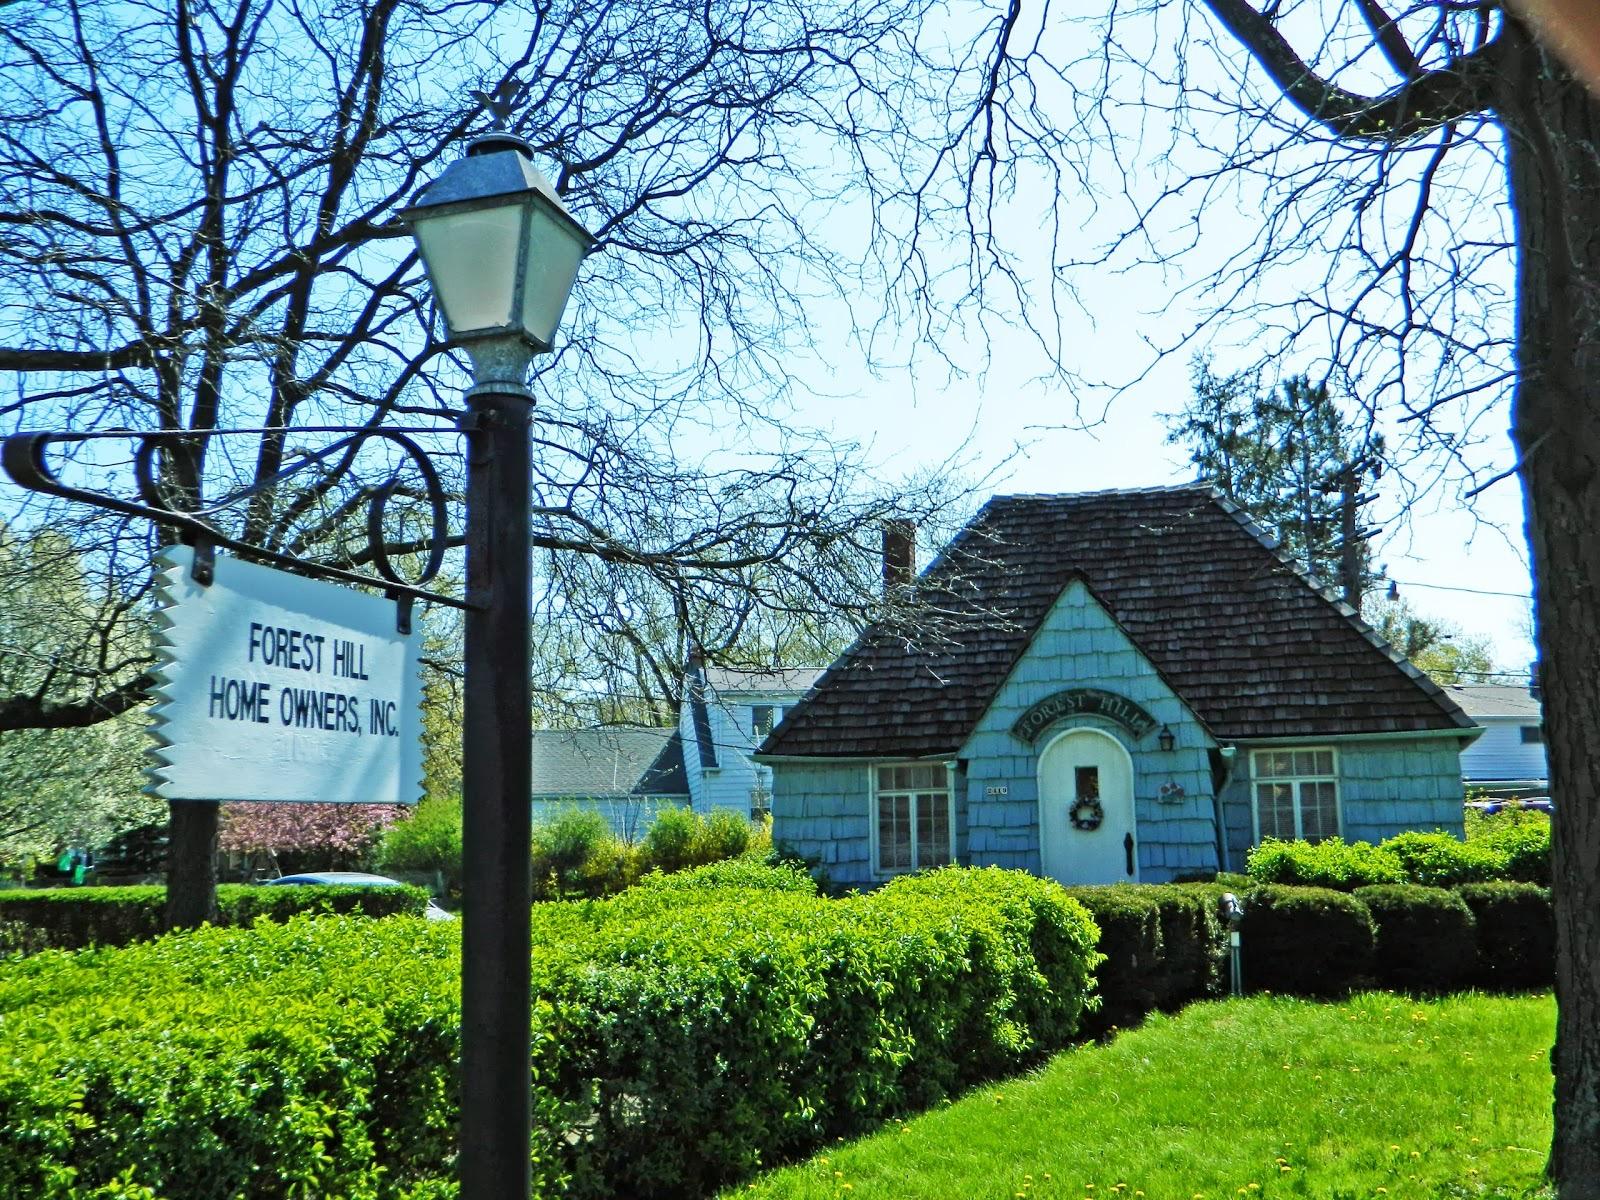 20130430005 Cleveland Hgts Forest Hills Blue Cottage 3.jpg